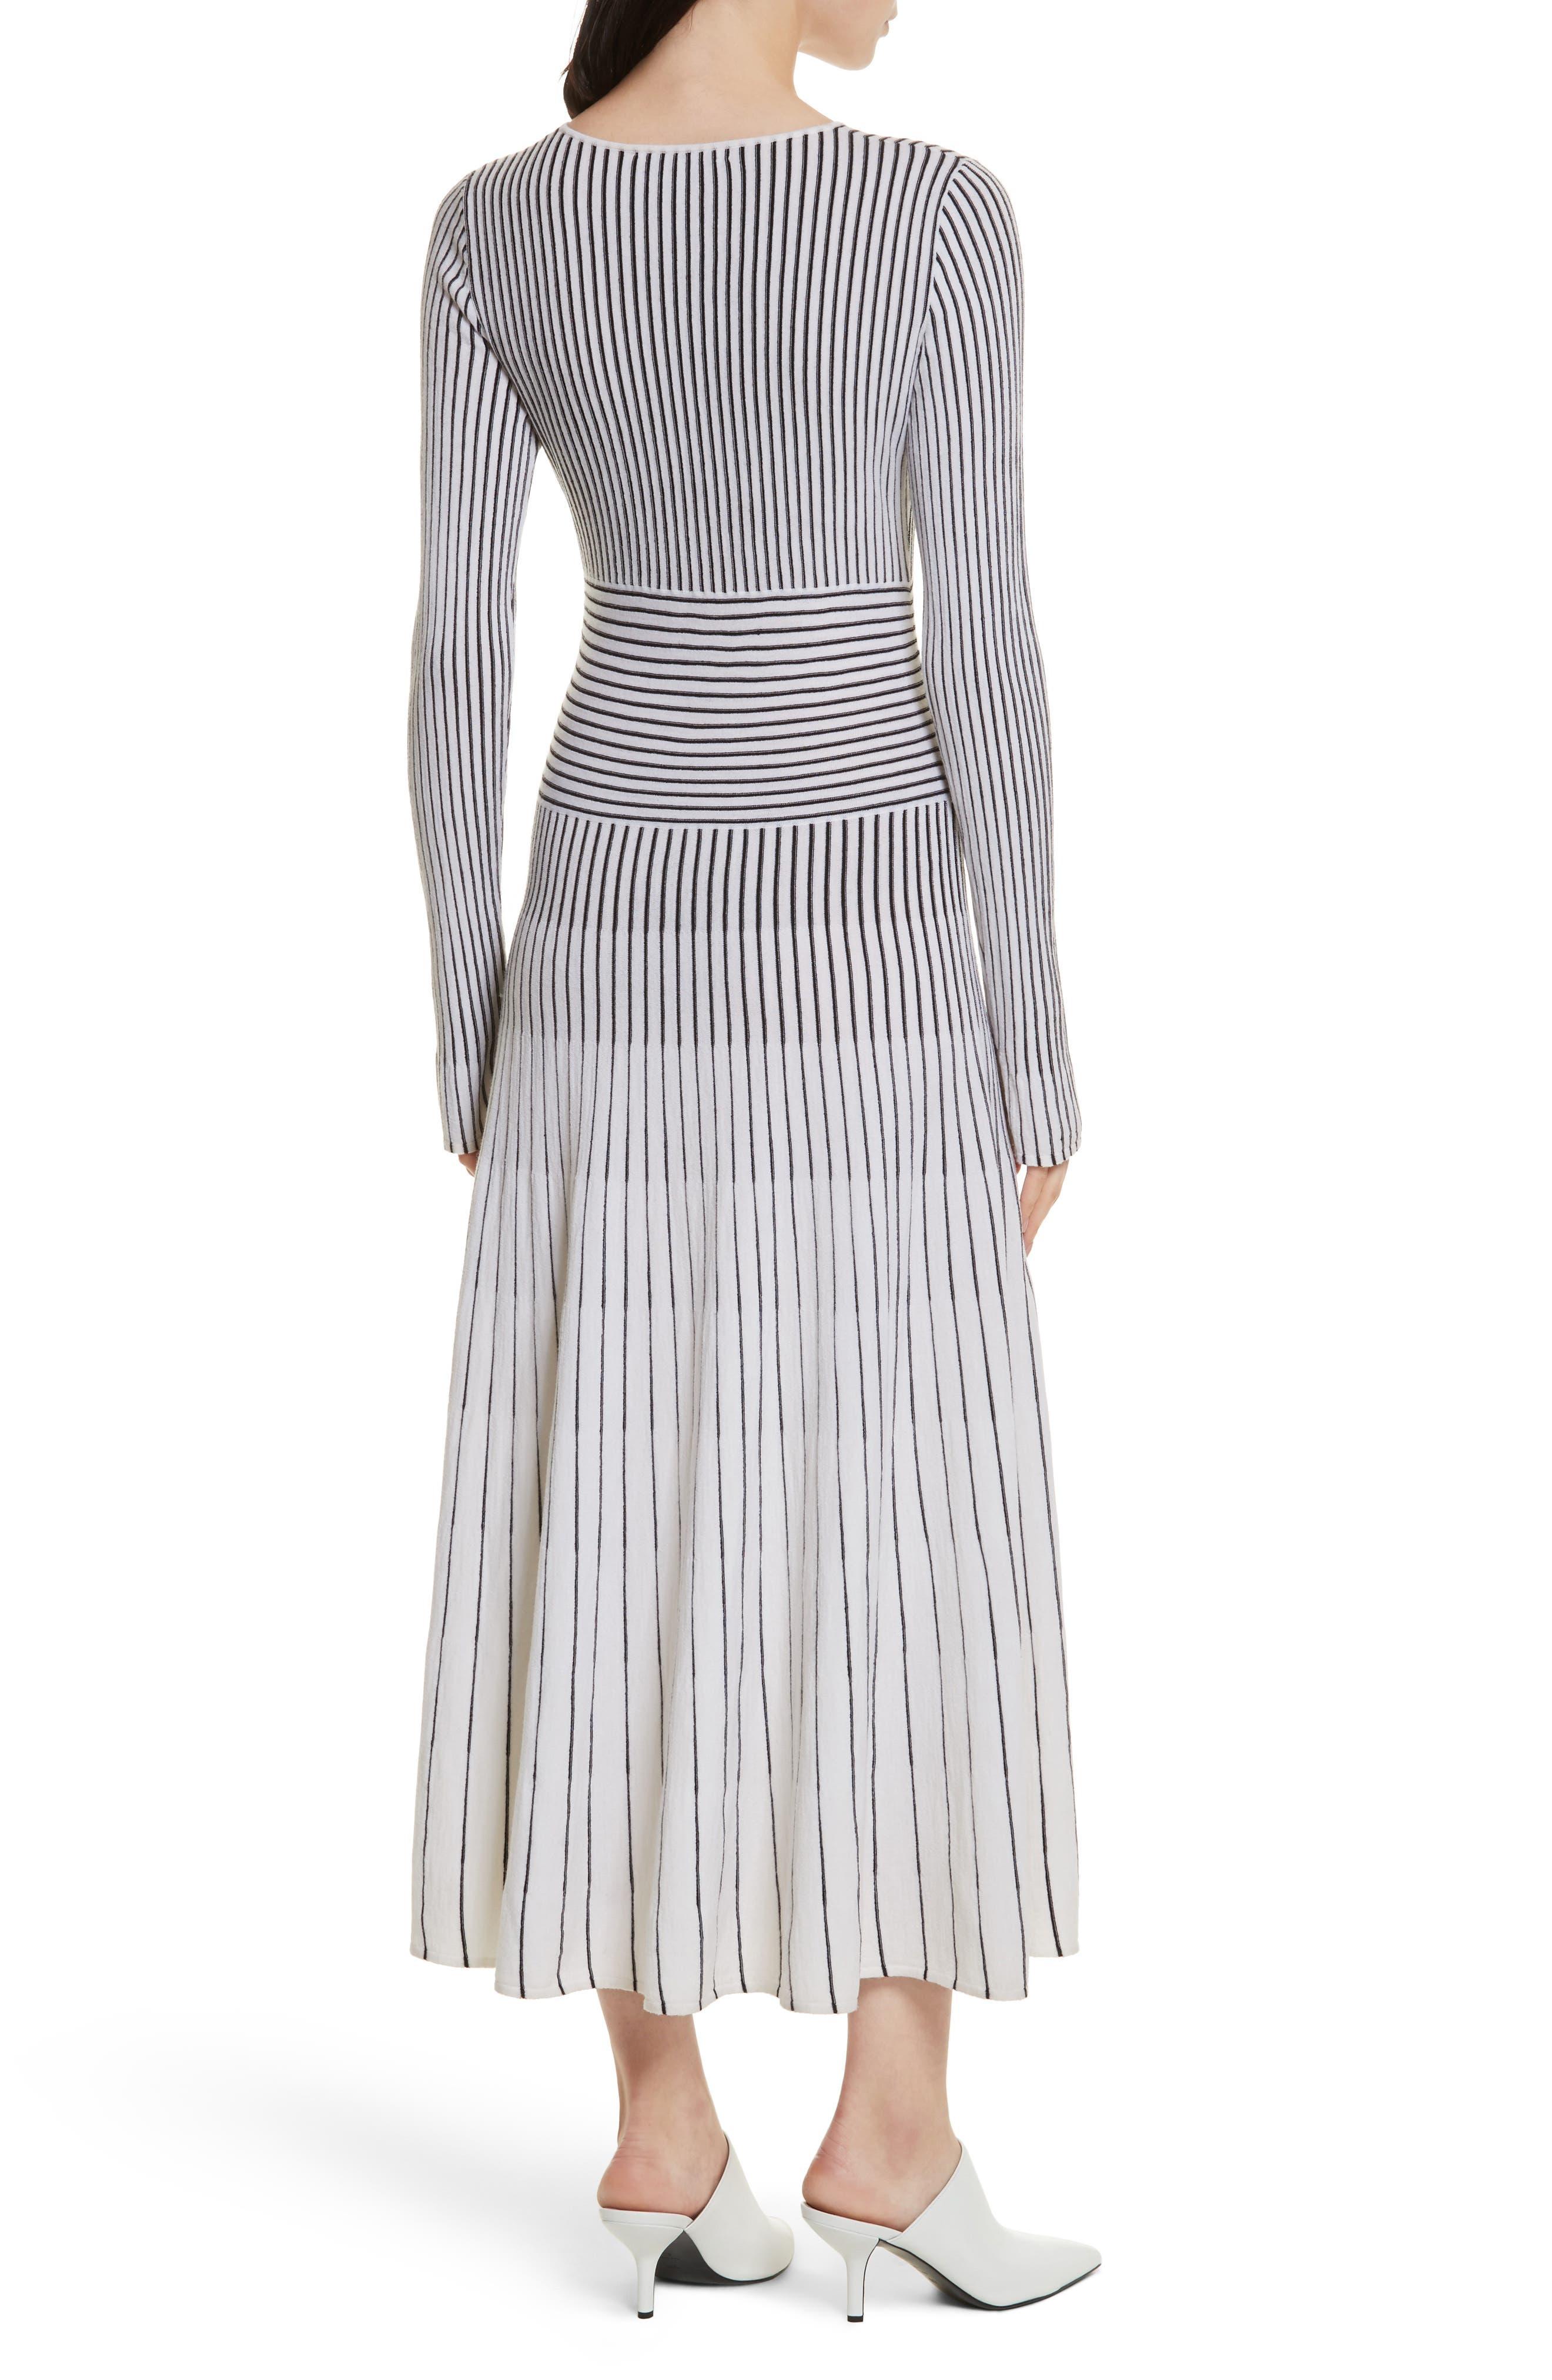 Sheridan Stripe Knit Midi Dress,                             Alternate thumbnail 2, color,